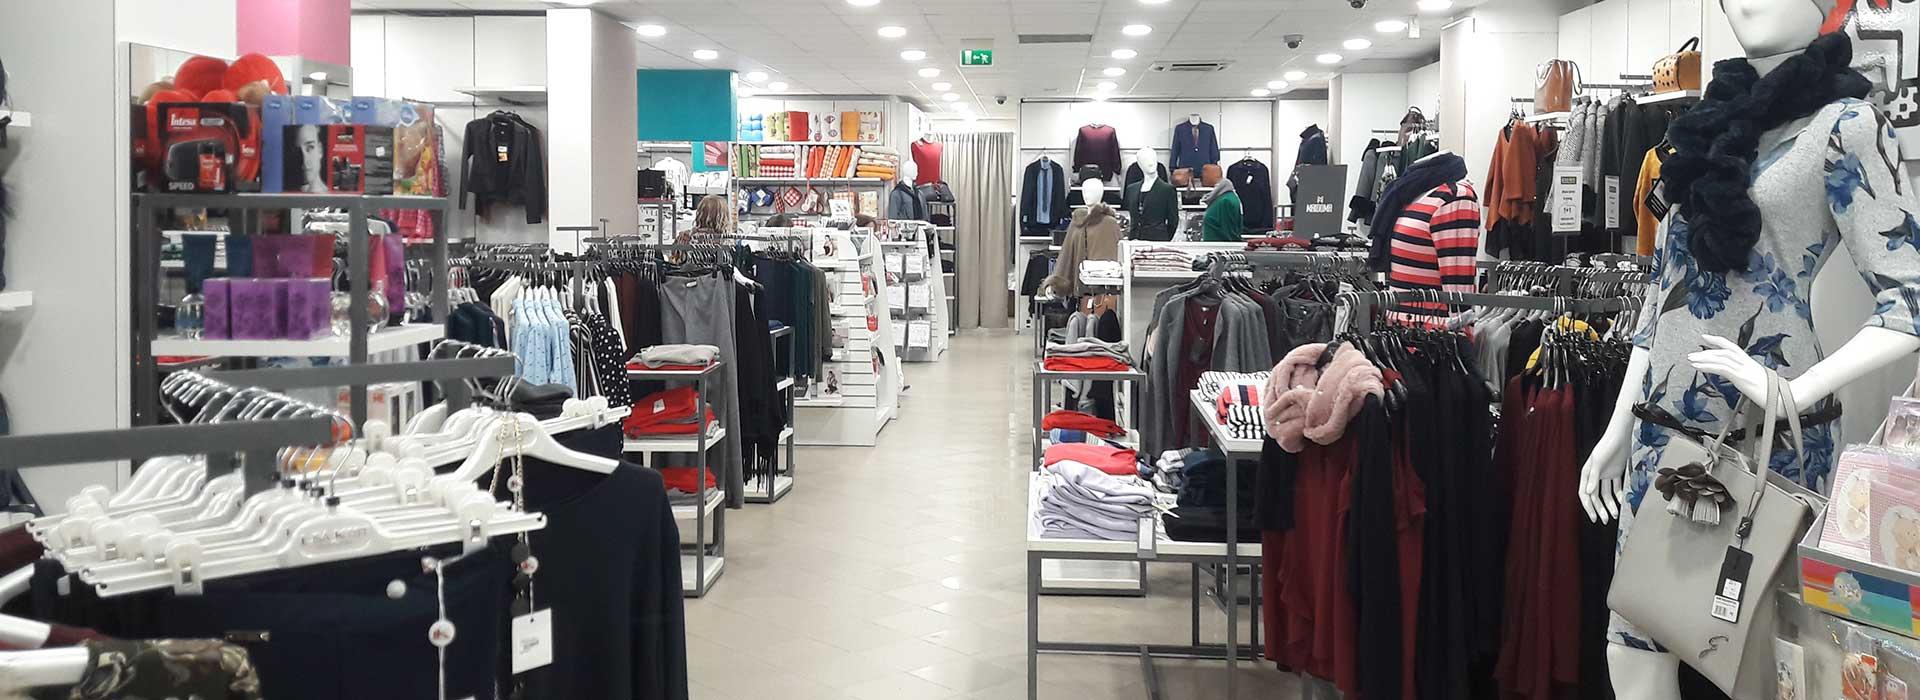 Abbigliamento uomo donna Friends Family Store